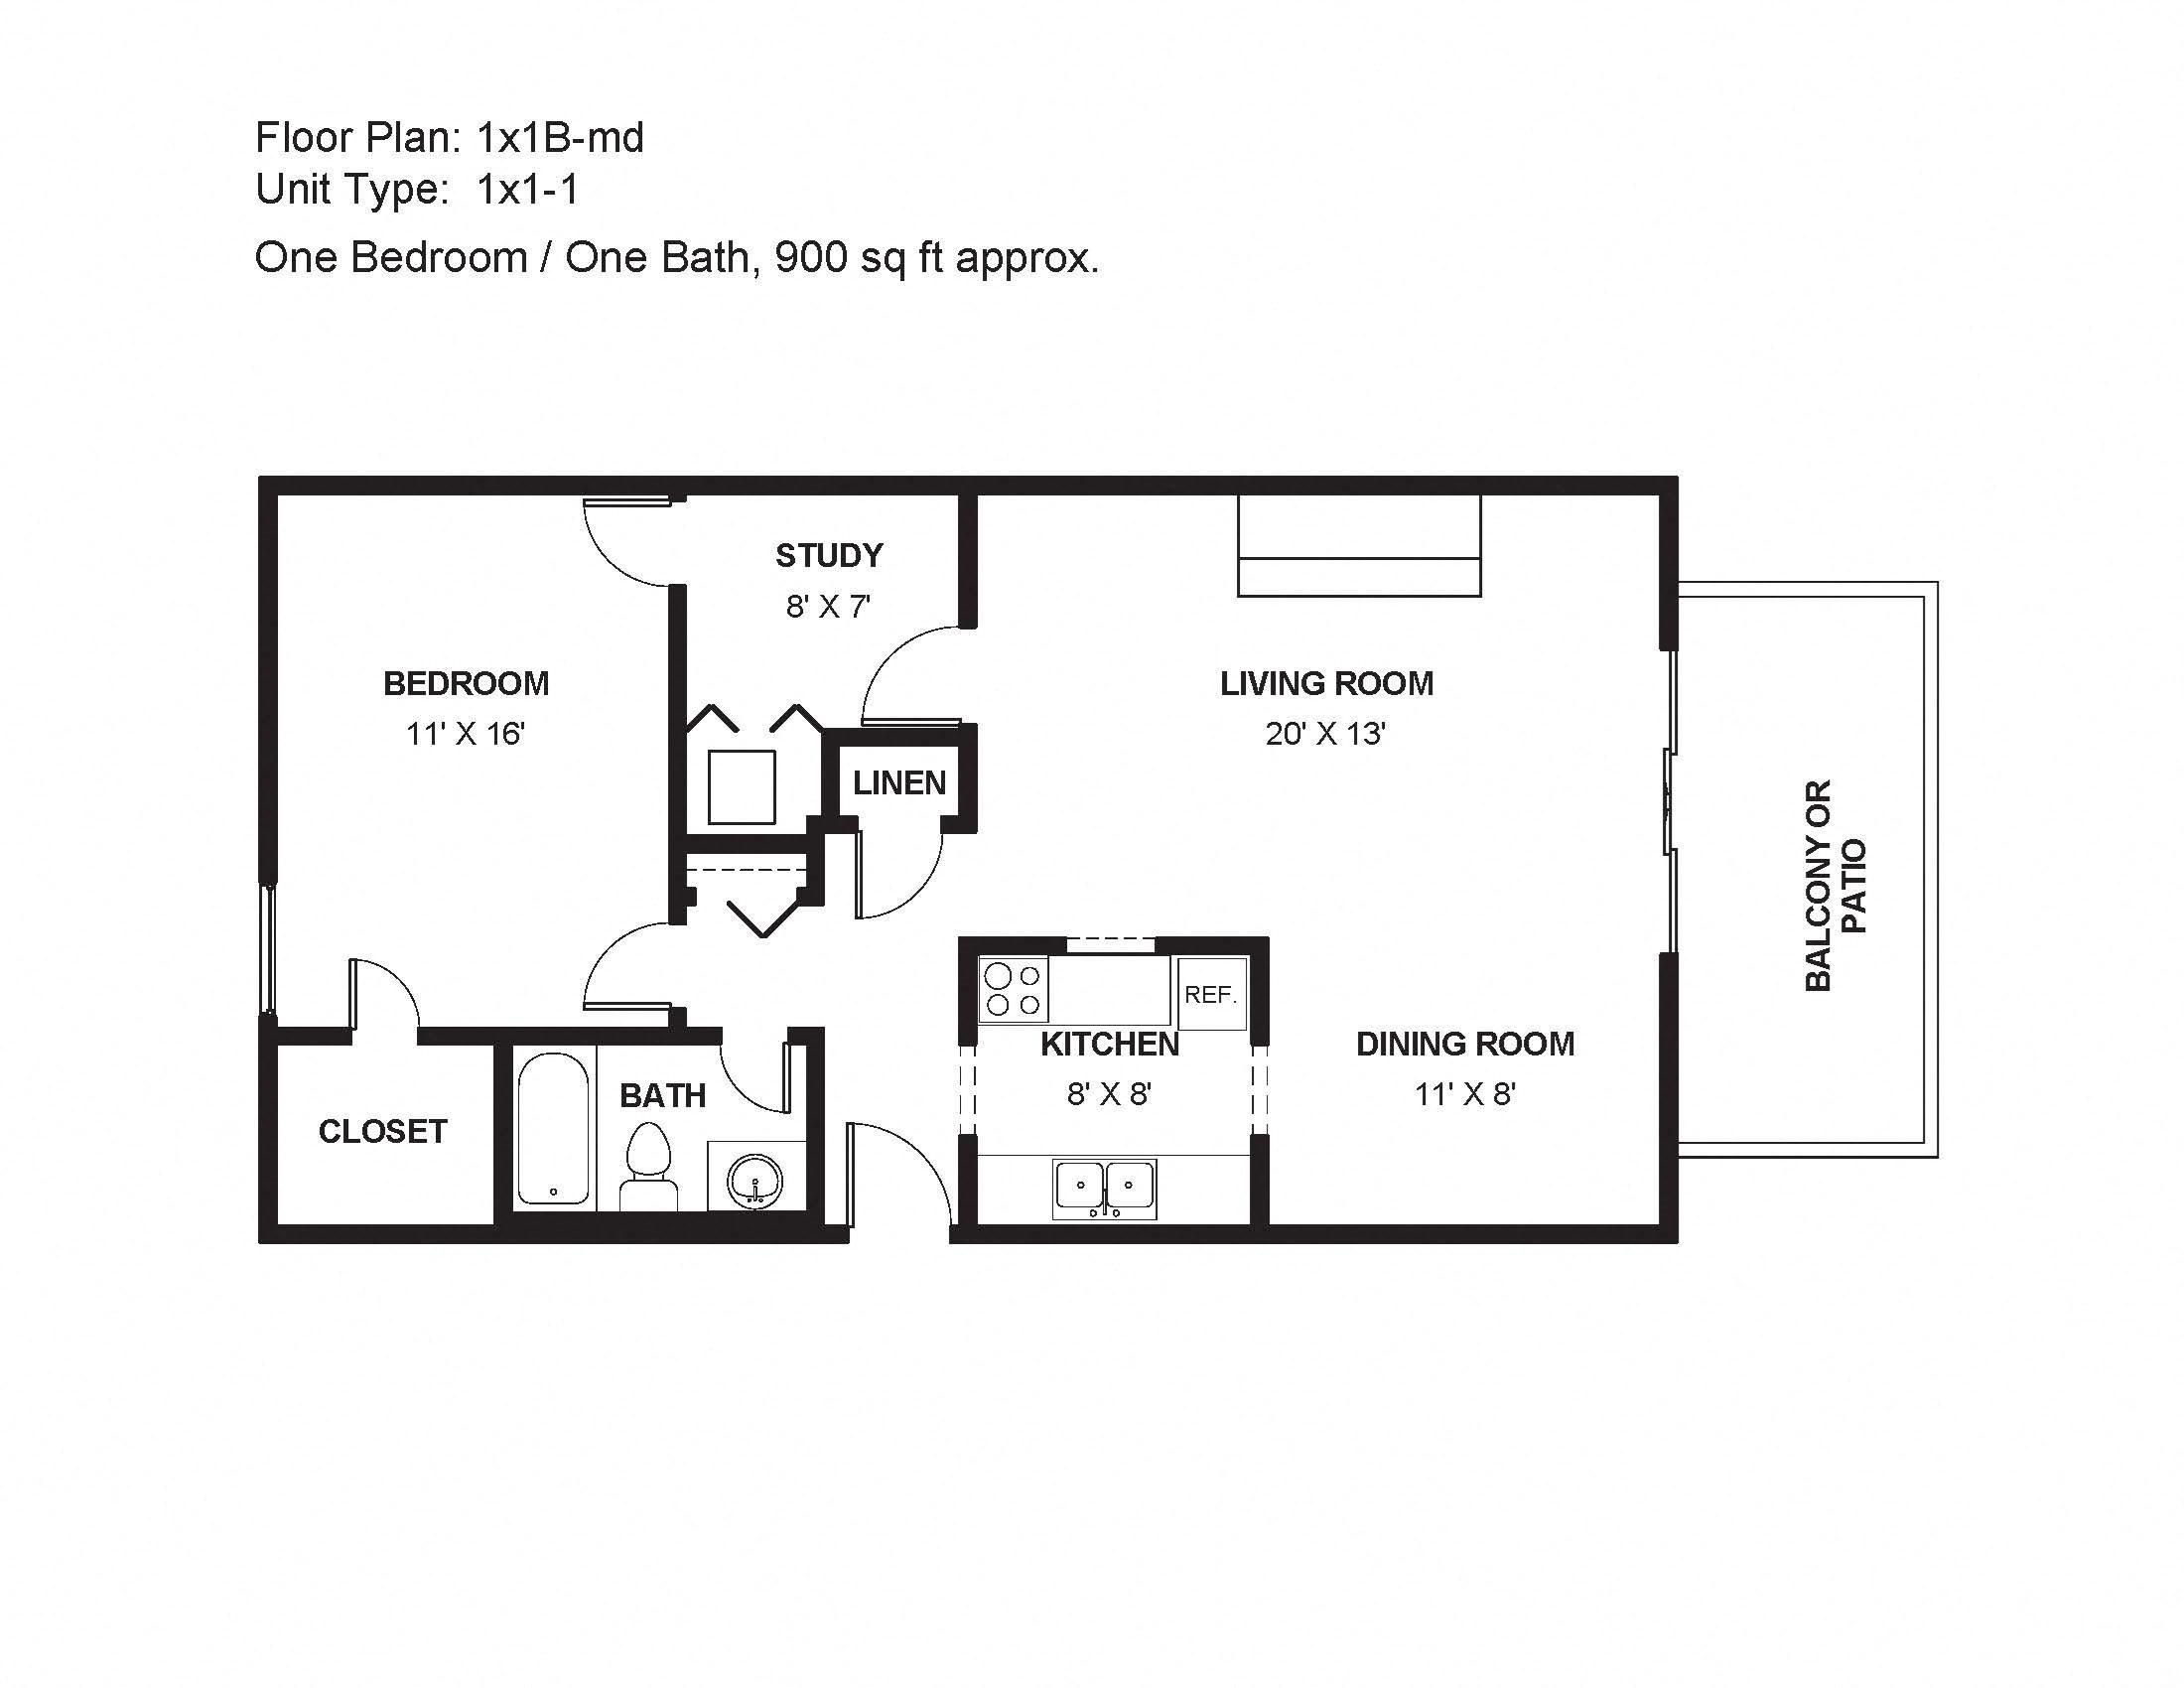 1x1B-md Floor Plan 3